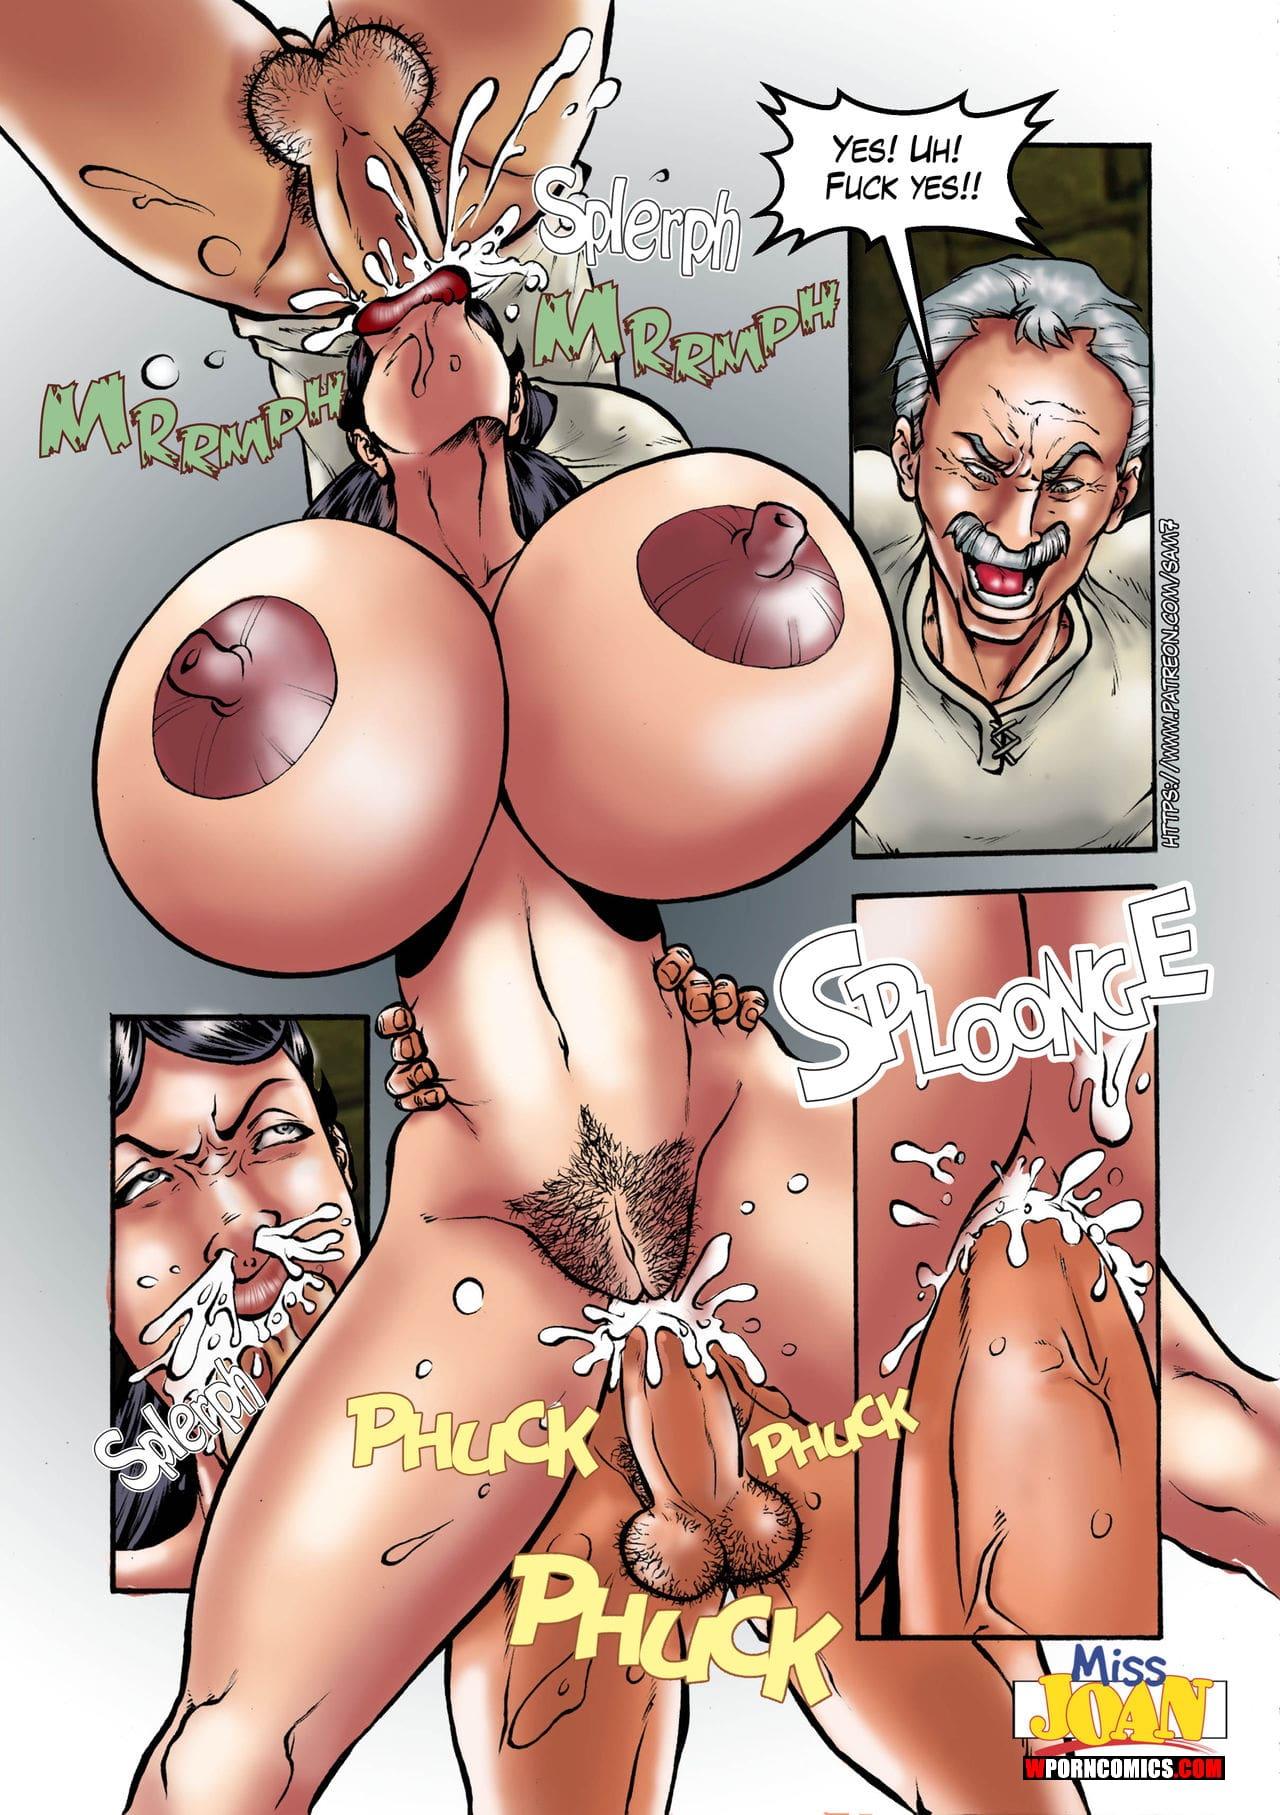 porn-comic-undressed-day-4-2020-03-03/porn-comic-undressed-day-4-2020-03-03-17379.jpg